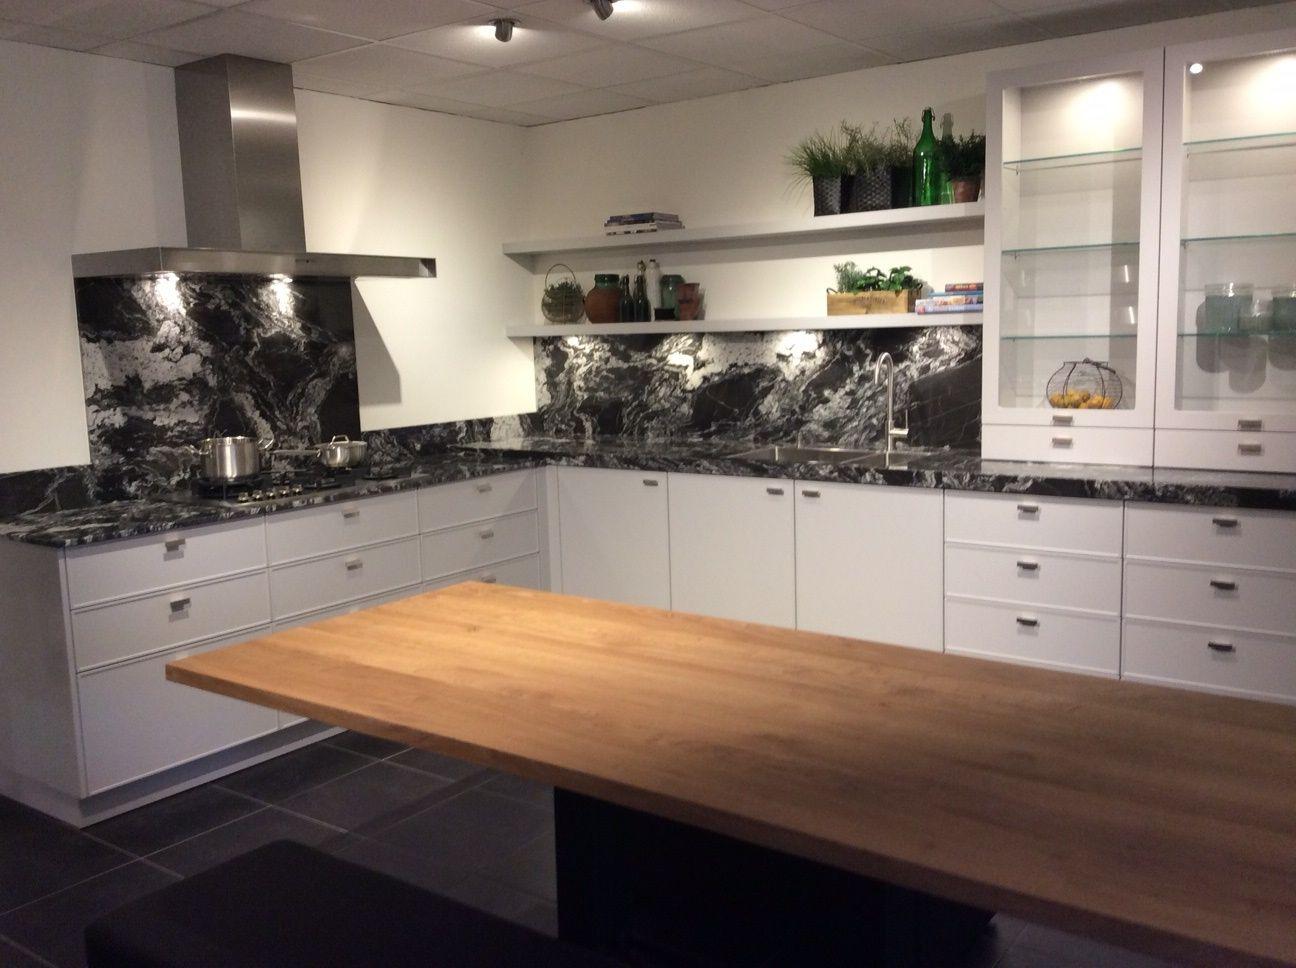 Gemütlich Florida Küchendesign Fotos - Küche Set Ideen ...